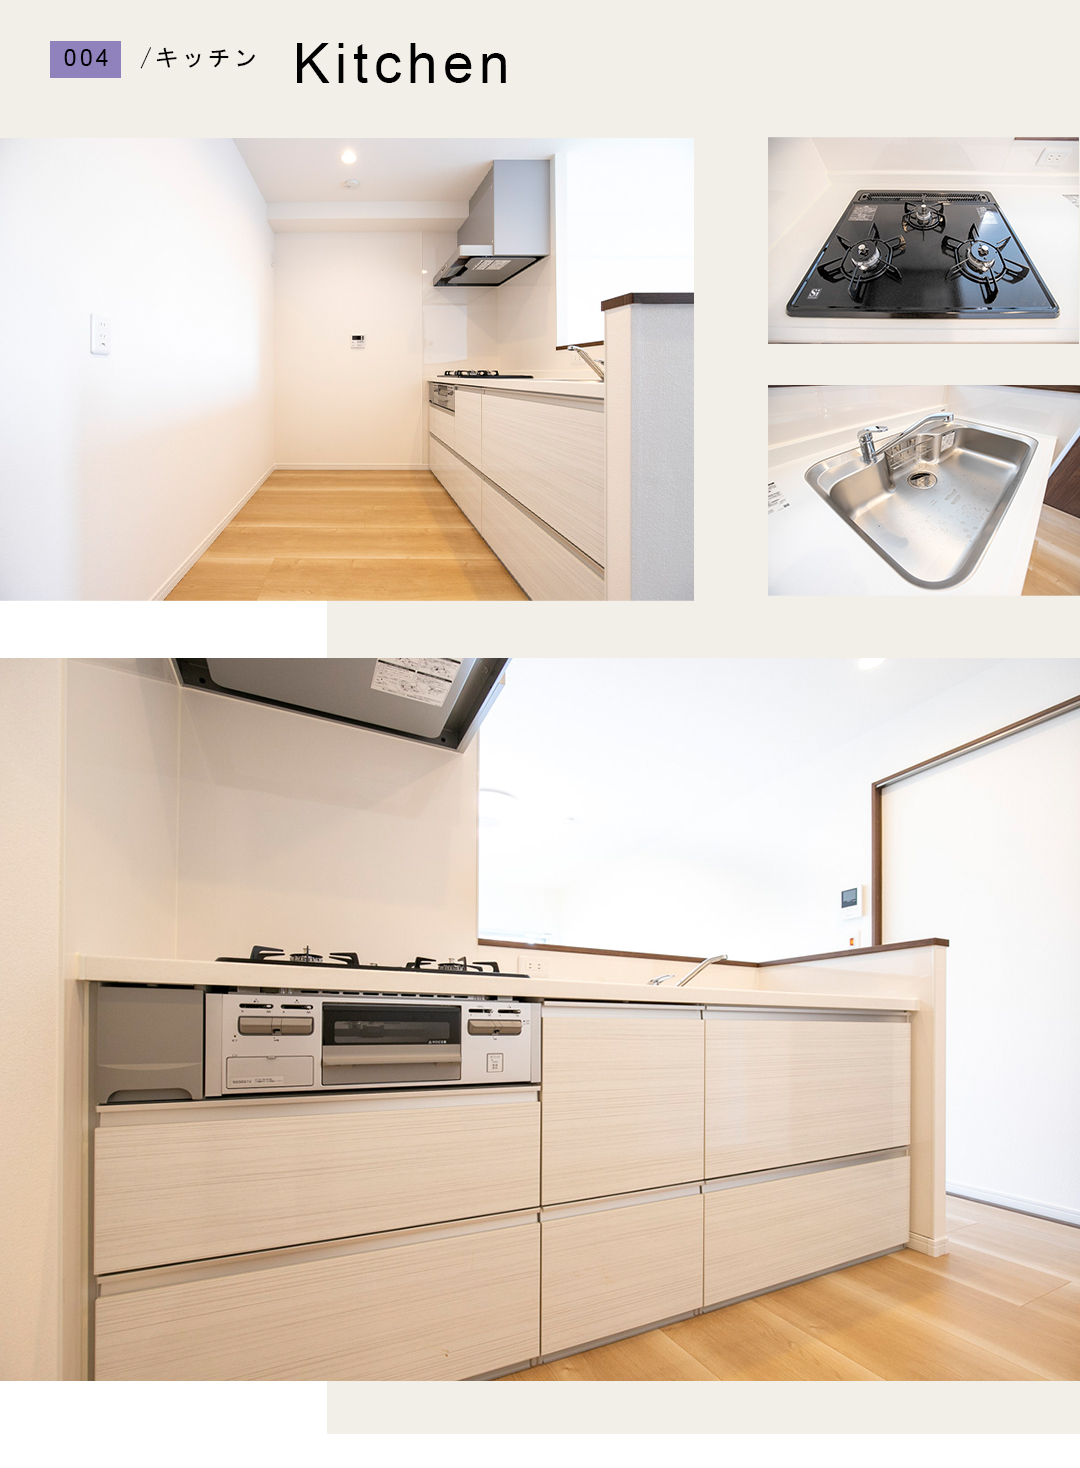 04キッチン,Kitchen